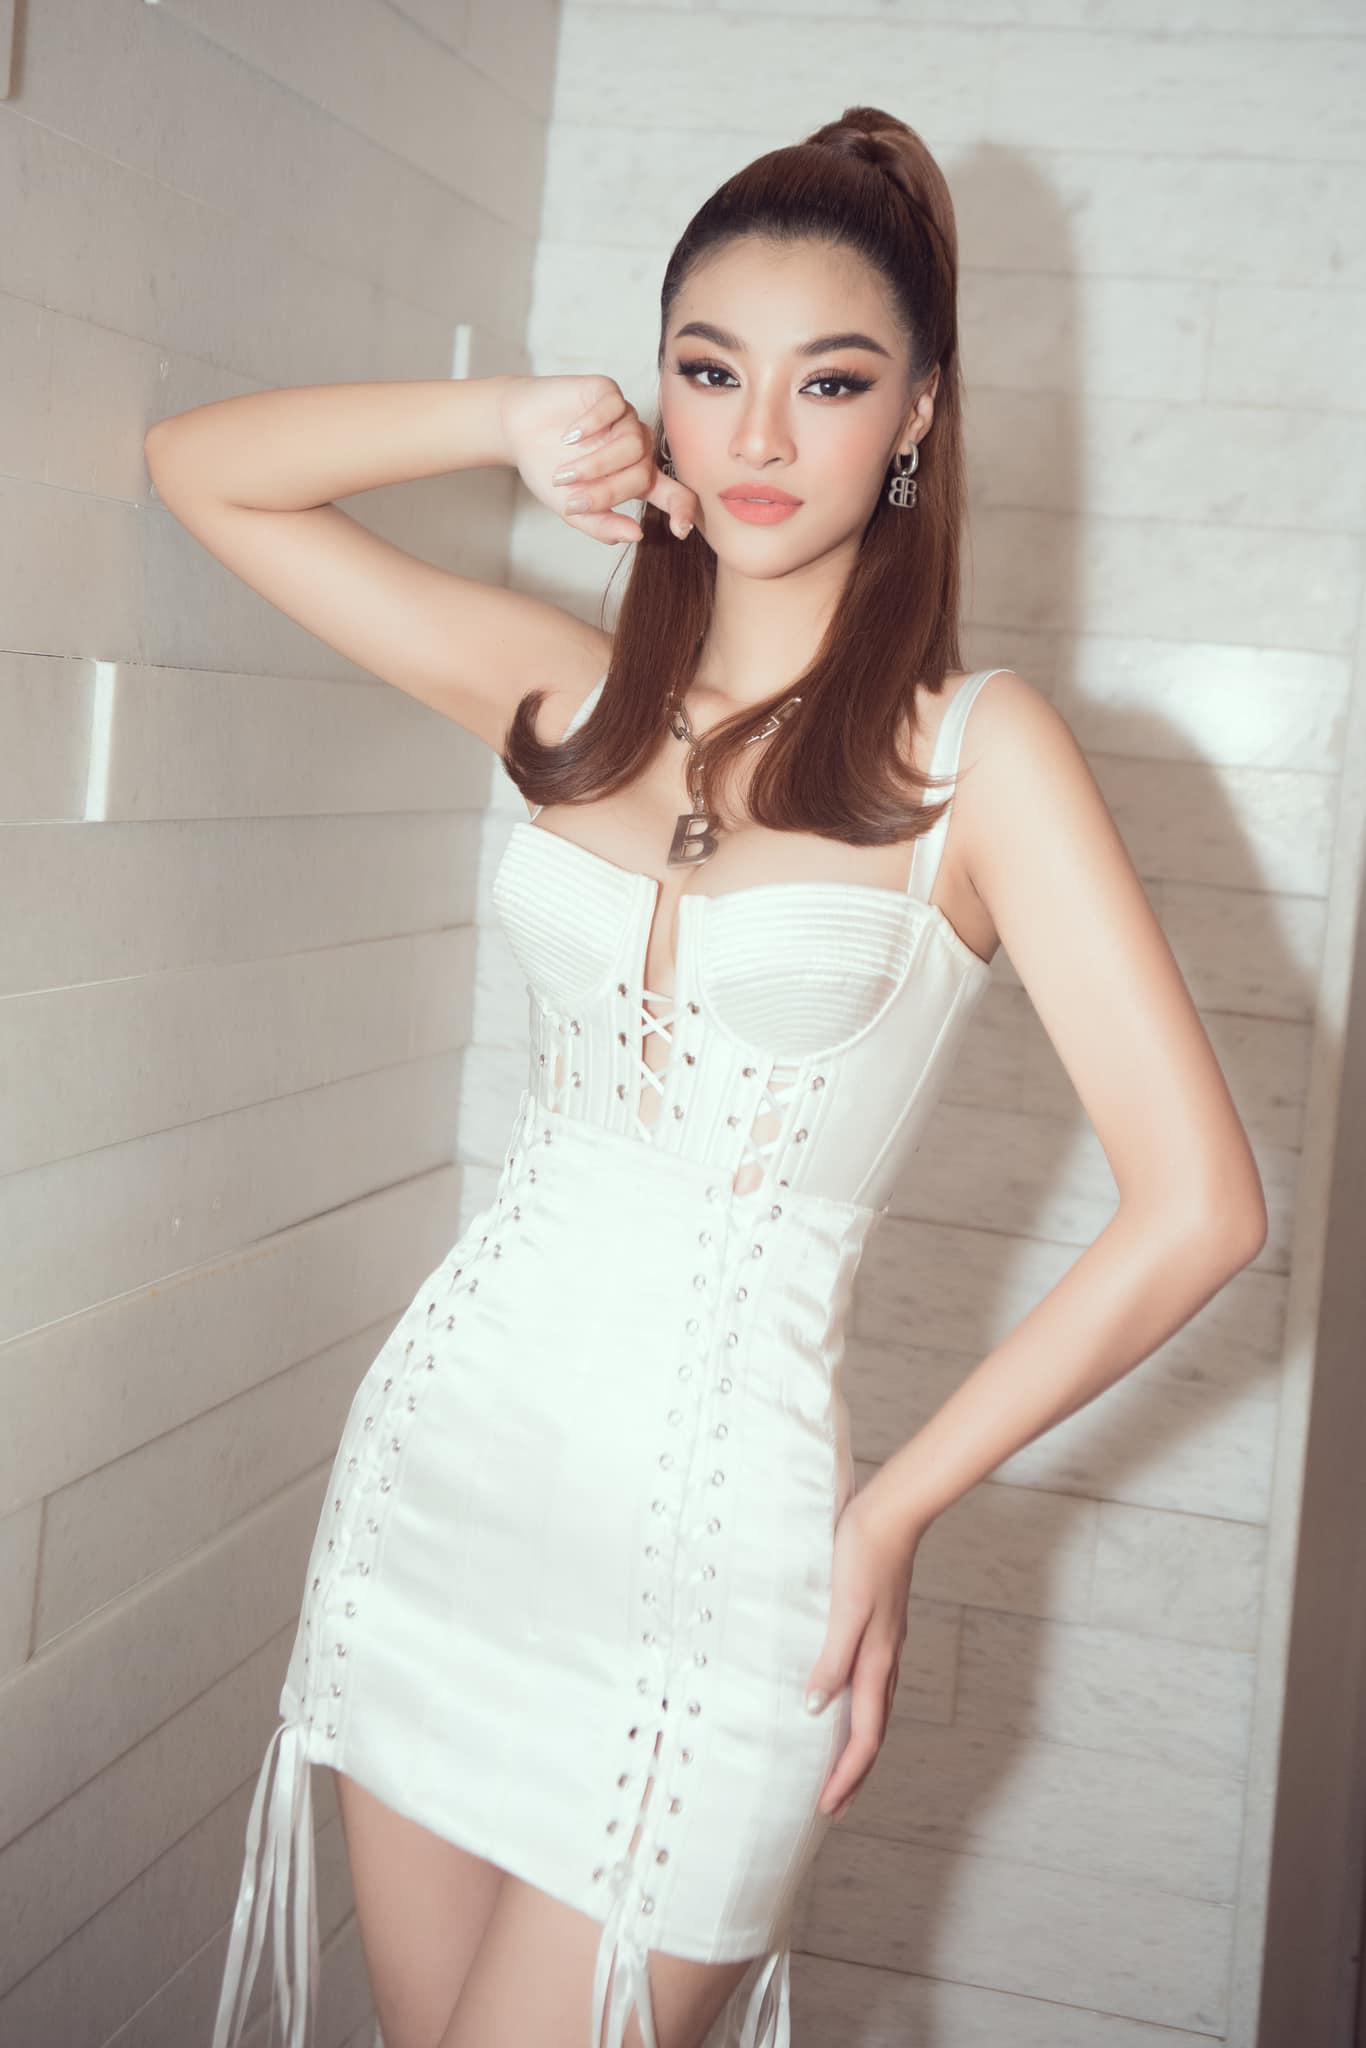 """BTV Hoài Anh xinh đẹp """"đốn tim"""" ở tuổi 41, Hà Anh mặc bikini chân dài nóng bỏng - Ảnh 6."""